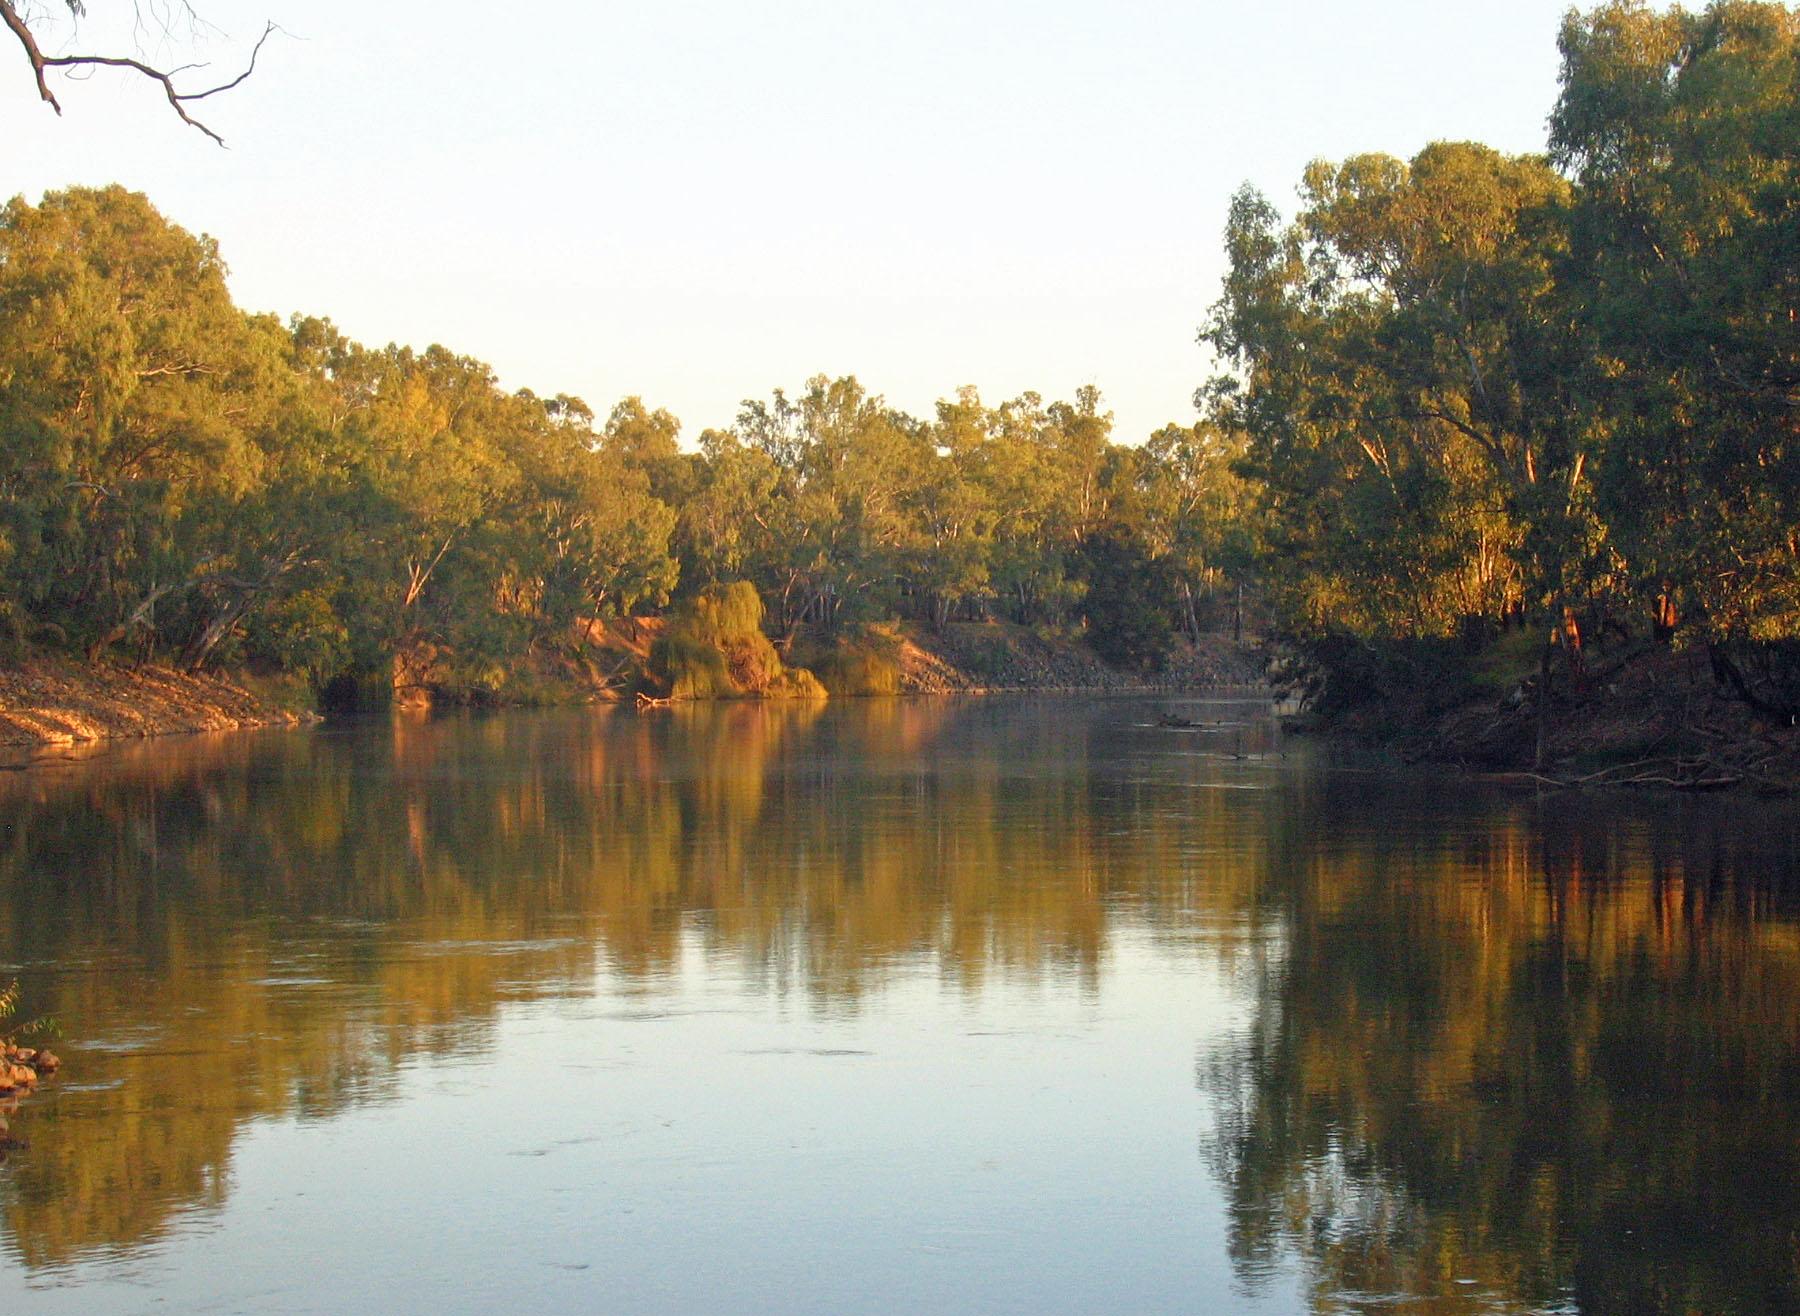 murrumbidgee-river-in-wagga-wagga.jpg